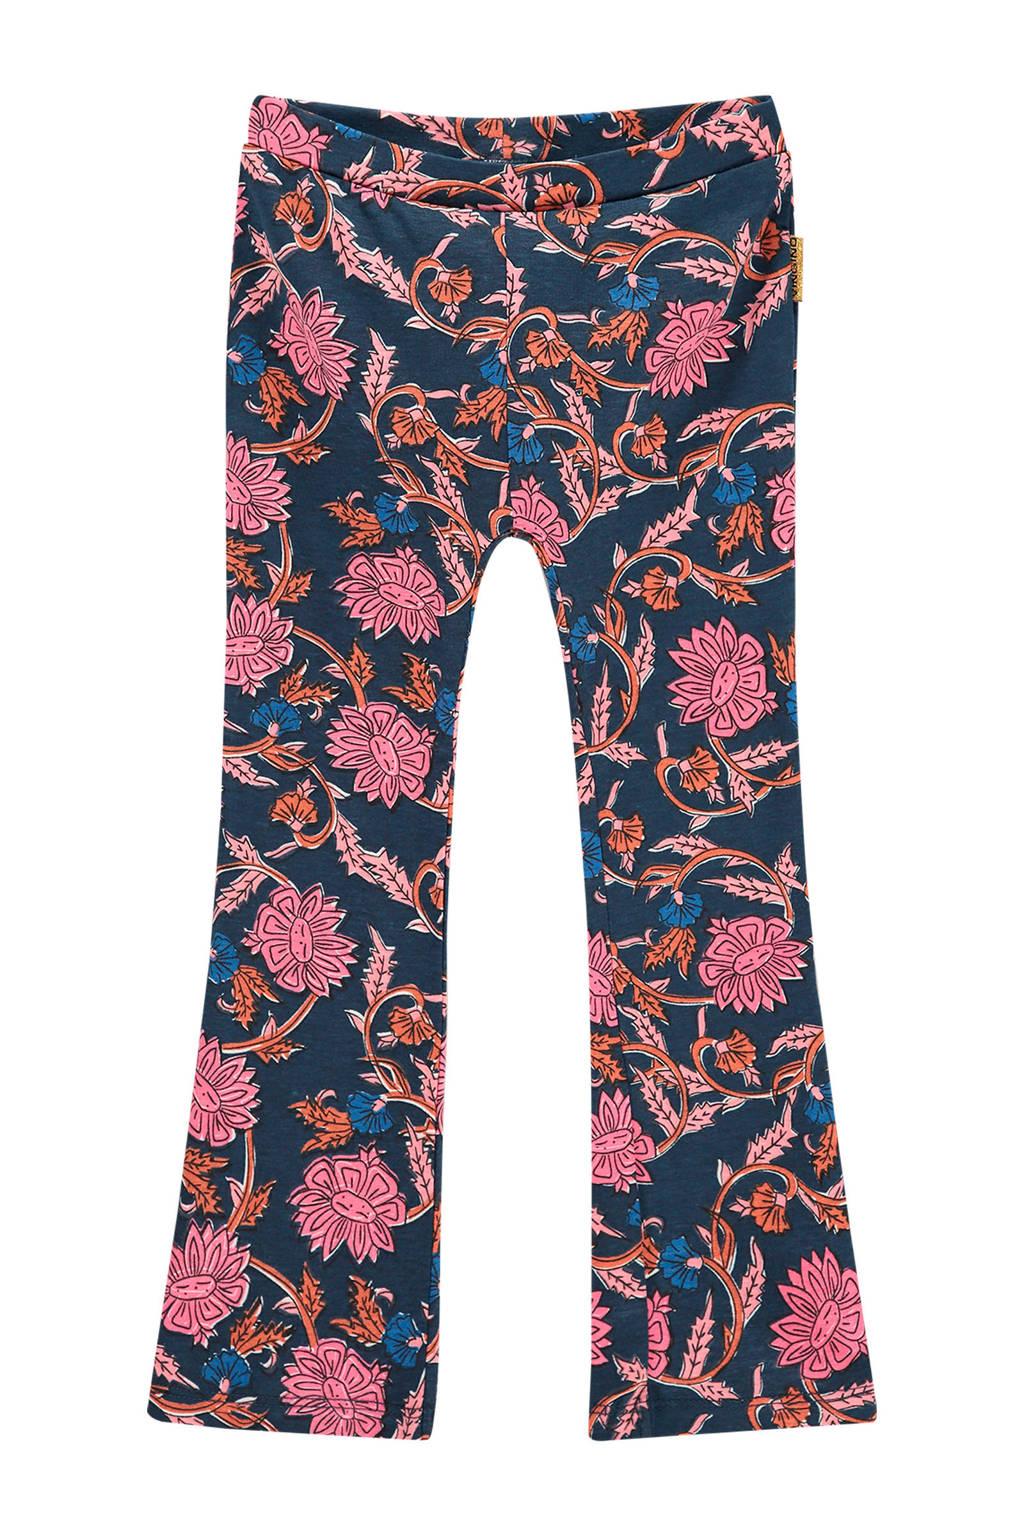 Vingino gebloemde flared broek Syfra mini donkerblauw/roze, Donkerblauw/roze